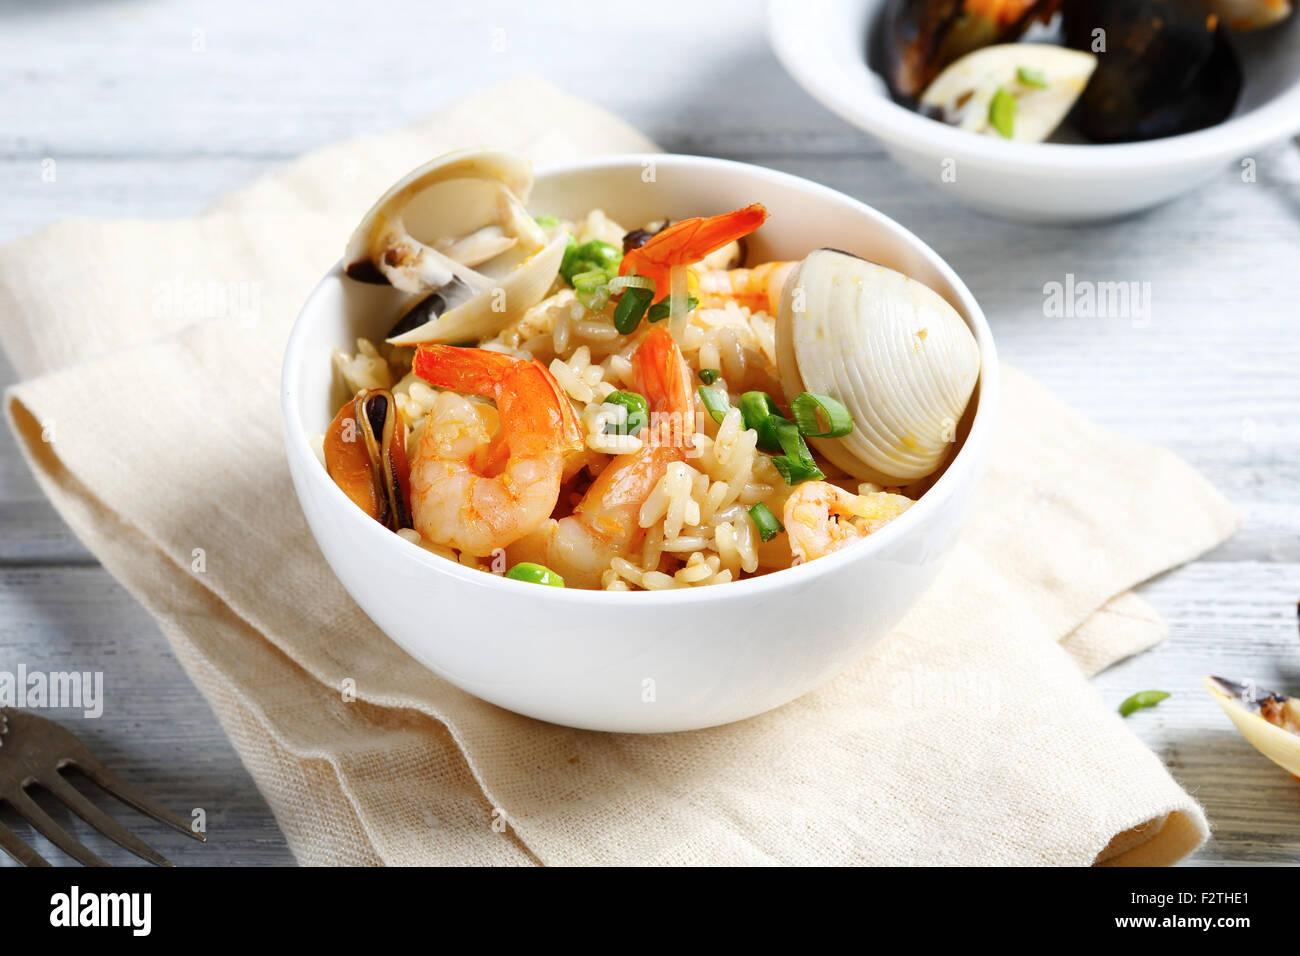 Risotto aux moules et crevettes, de l'alimentation Photo Stock